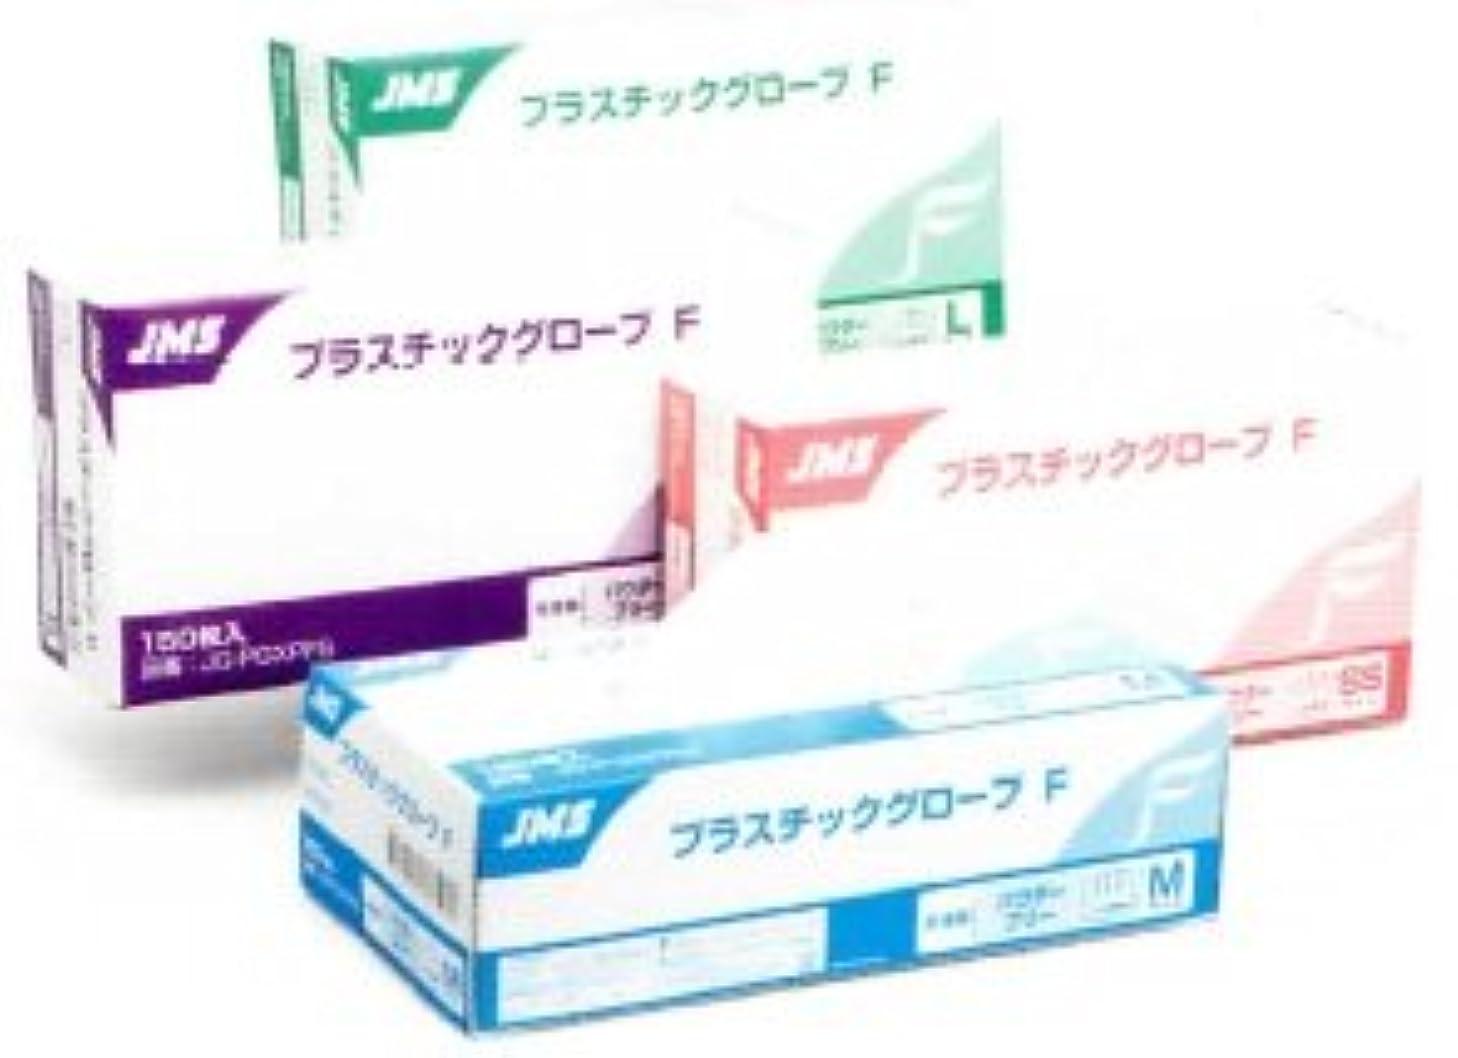 レプリカ九月はしごJMSプラスチックグローブF パウダーフリー プラスチック手袋 150枚入 サイズS (1箱)